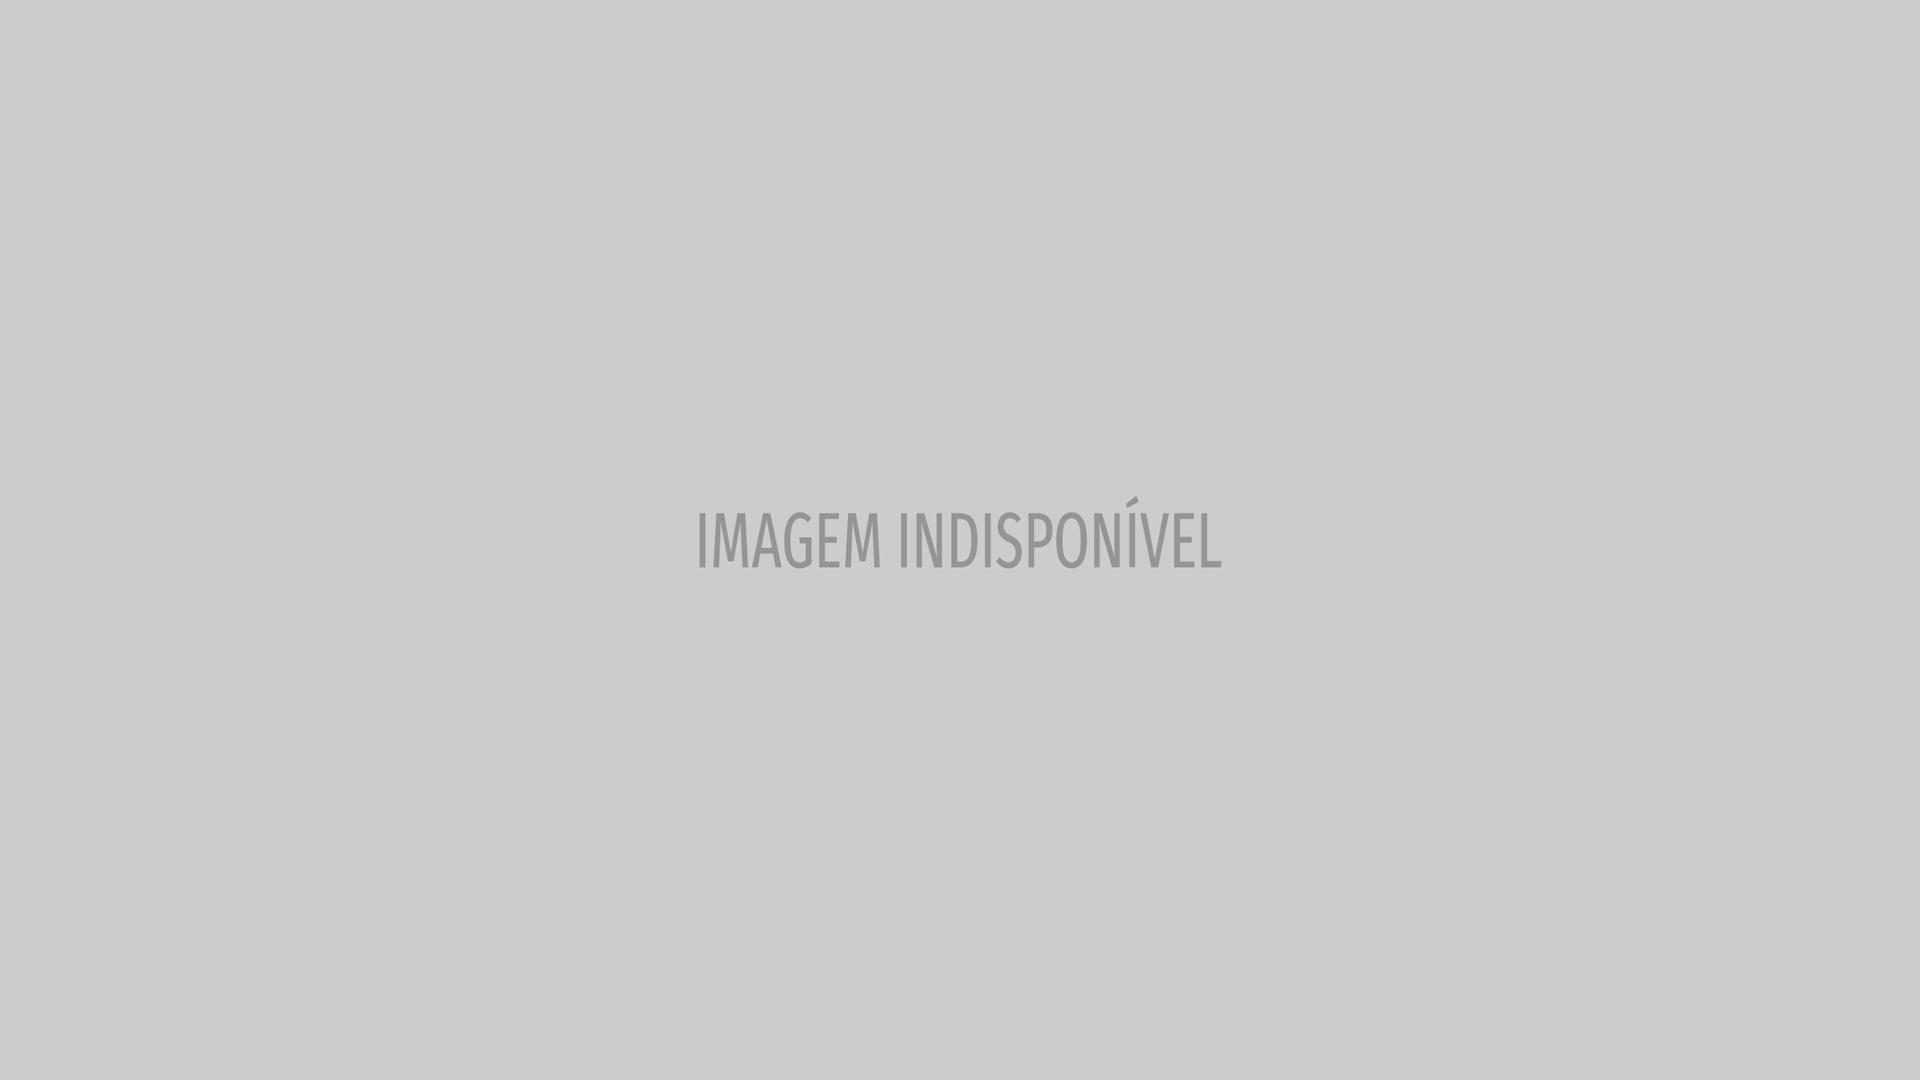 Irmão de Messi detido após confusão no trânsito